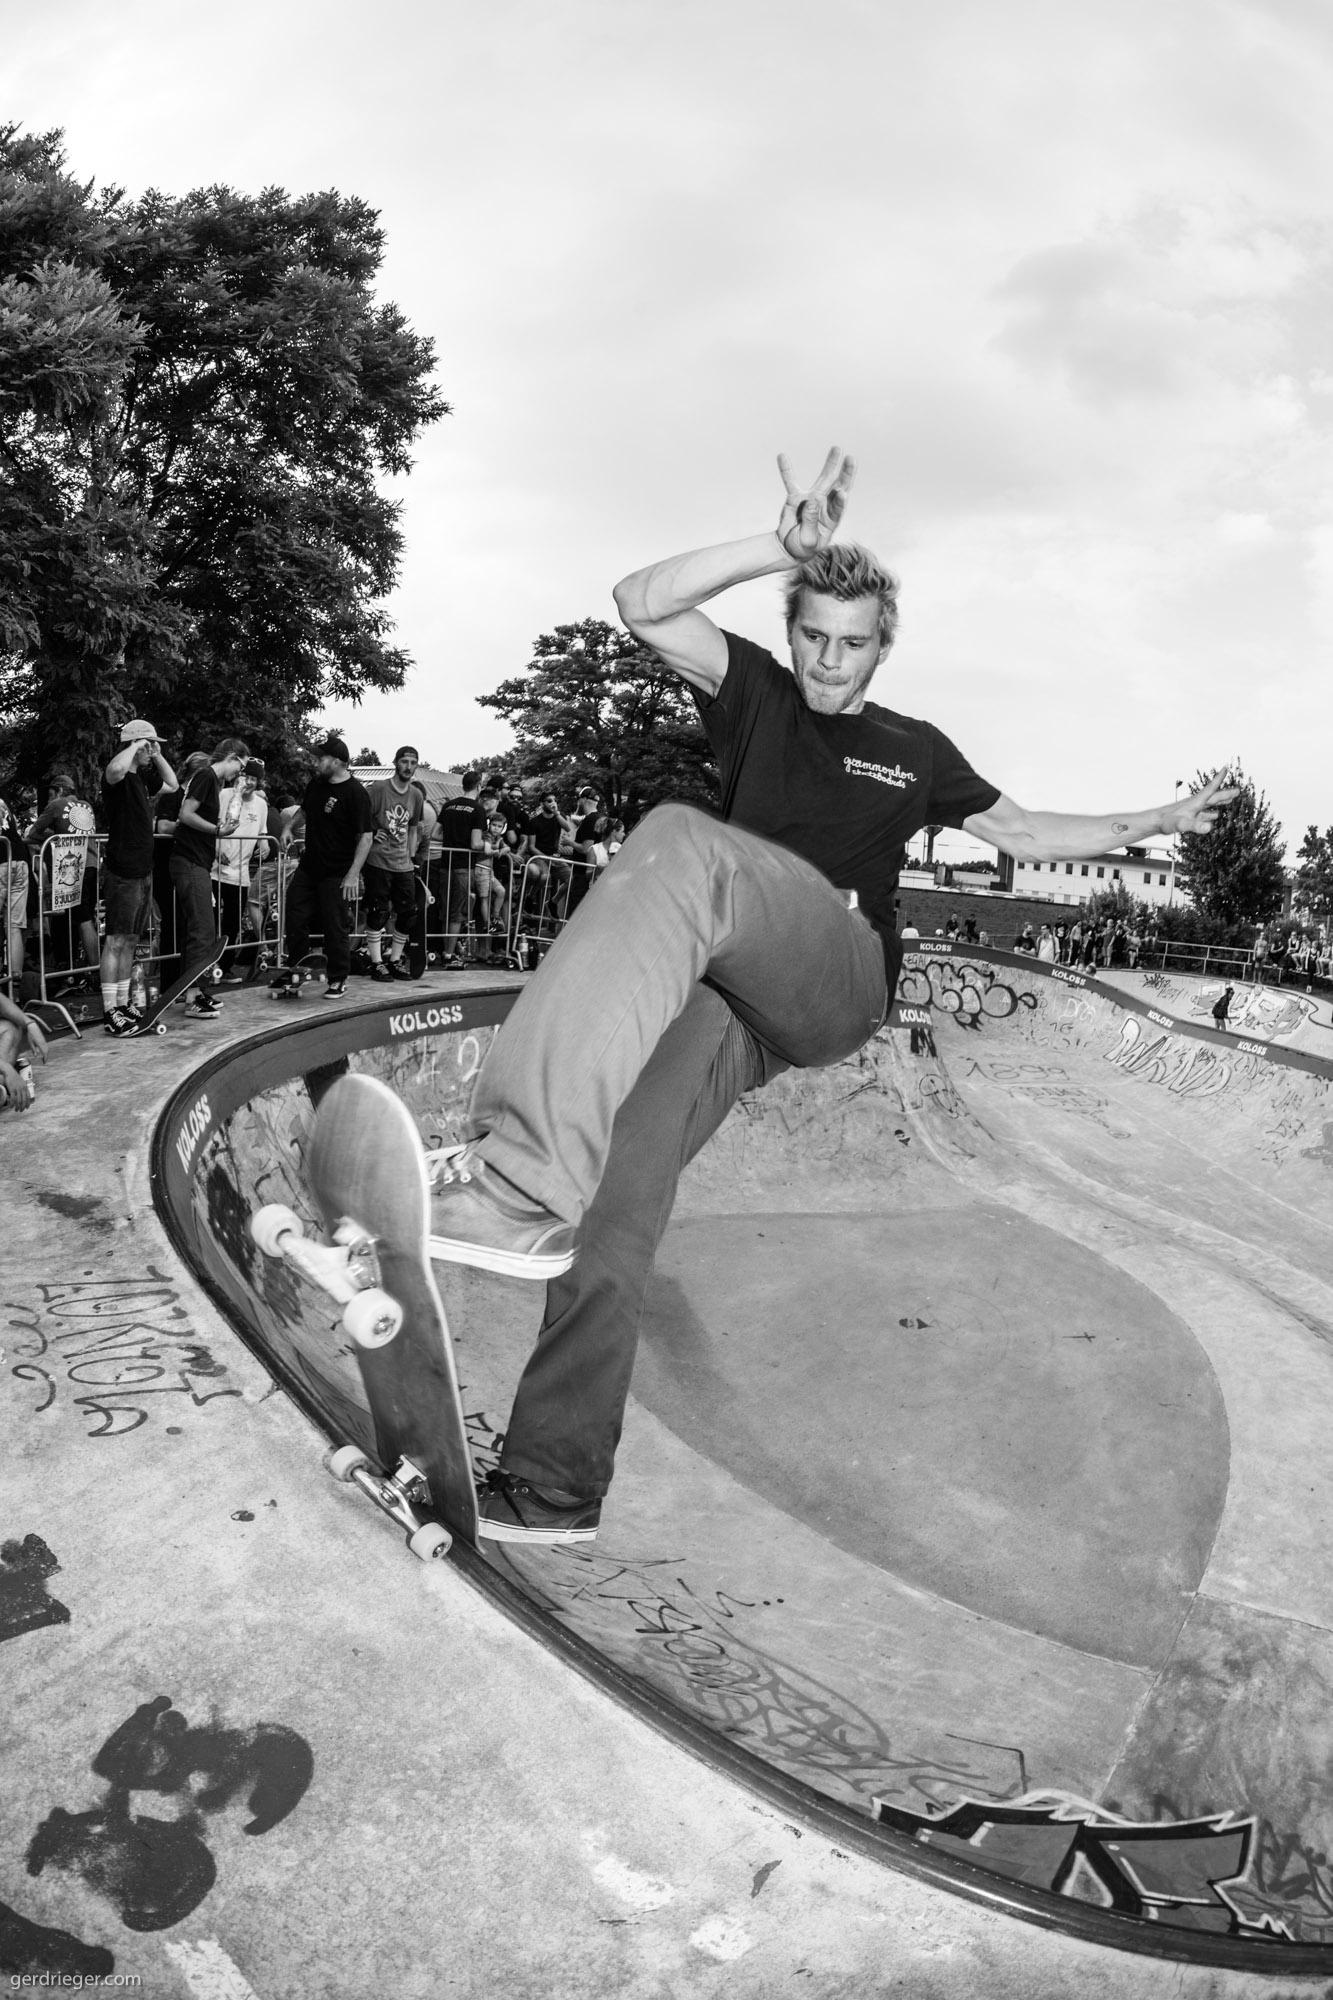 2017-07-08_Bergfest-Bailgun-3912